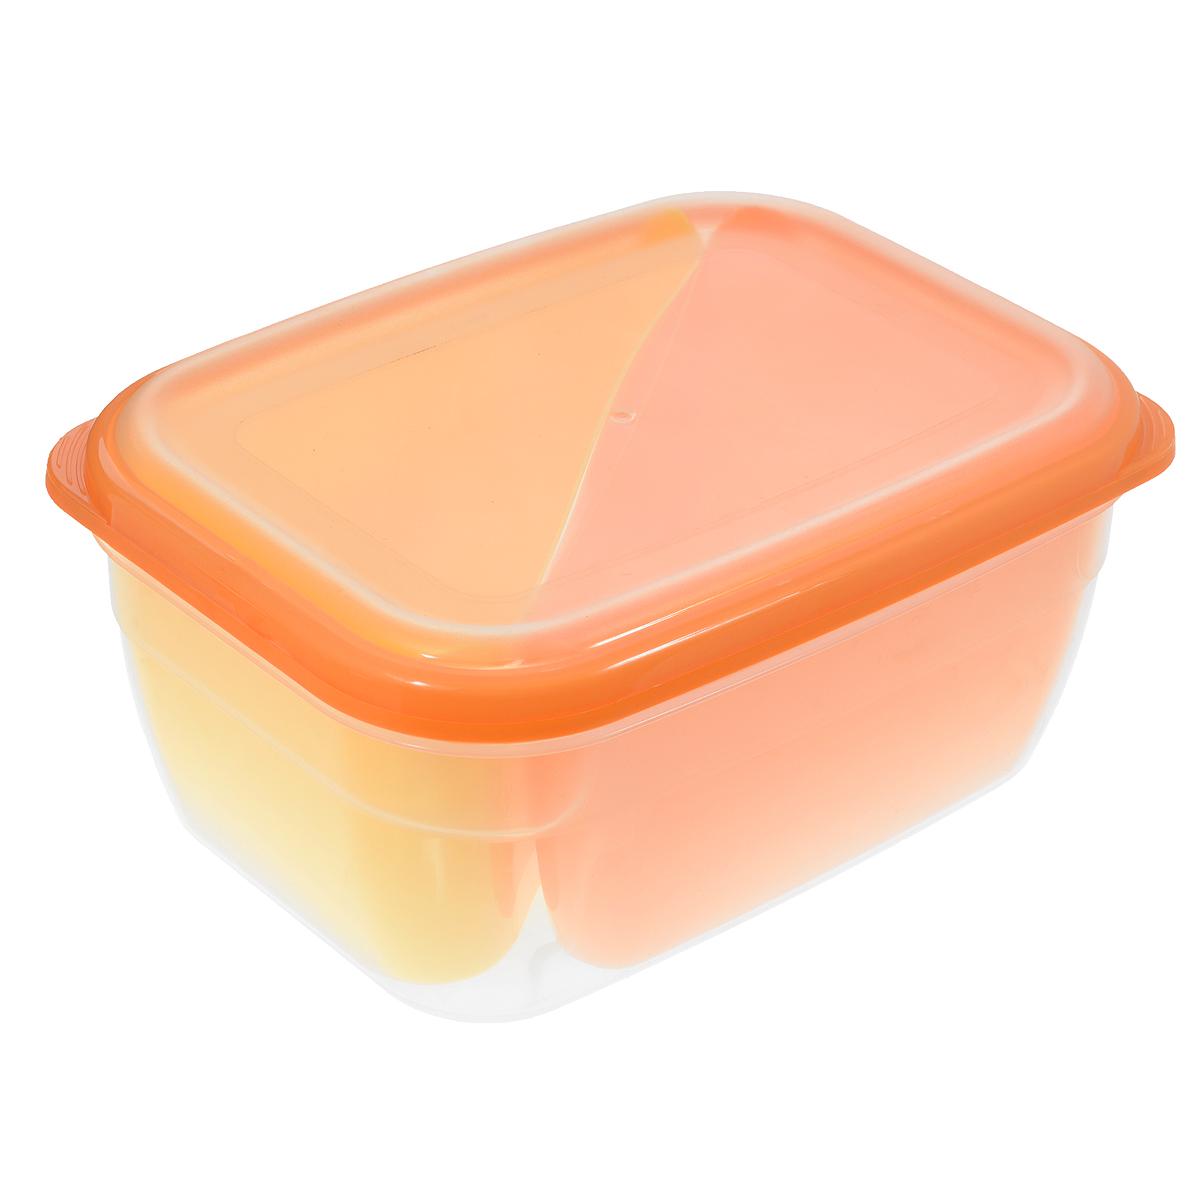 Контейнер-менажница для СВЧ Полимербыт, цвет: оранжевый, желтый, 1,8 лС56401Контейнер-менажница для СВЧ Полимербыт изготовлен из высококачественного прочного пластика, устойчивого к высоким температурам (до +120°С). Крышка плотно закрывается, дольше сохраняя продукты свежими и вкусными. Контейнер снабжен 2 цветными съемными секциями, которые позволяют хранить сразу несколько продуктов или блюд. Он идеально подходит для хранения пищи, его удобно брать с собой на работу, учебу, пикник или просто использовать для хранения пищи в холодильнике.Можно использовать в микроволновой печи и для заморозки в морозильной камере. Можно мыть в посудомоечной машине. Объем секции: 0,75 л.Размер секции: 15 см х 11 см х 8 см.Объем контейнера: 1,8 л.Размер контейнера: 20 см х 14,5 см х 8,5 см.